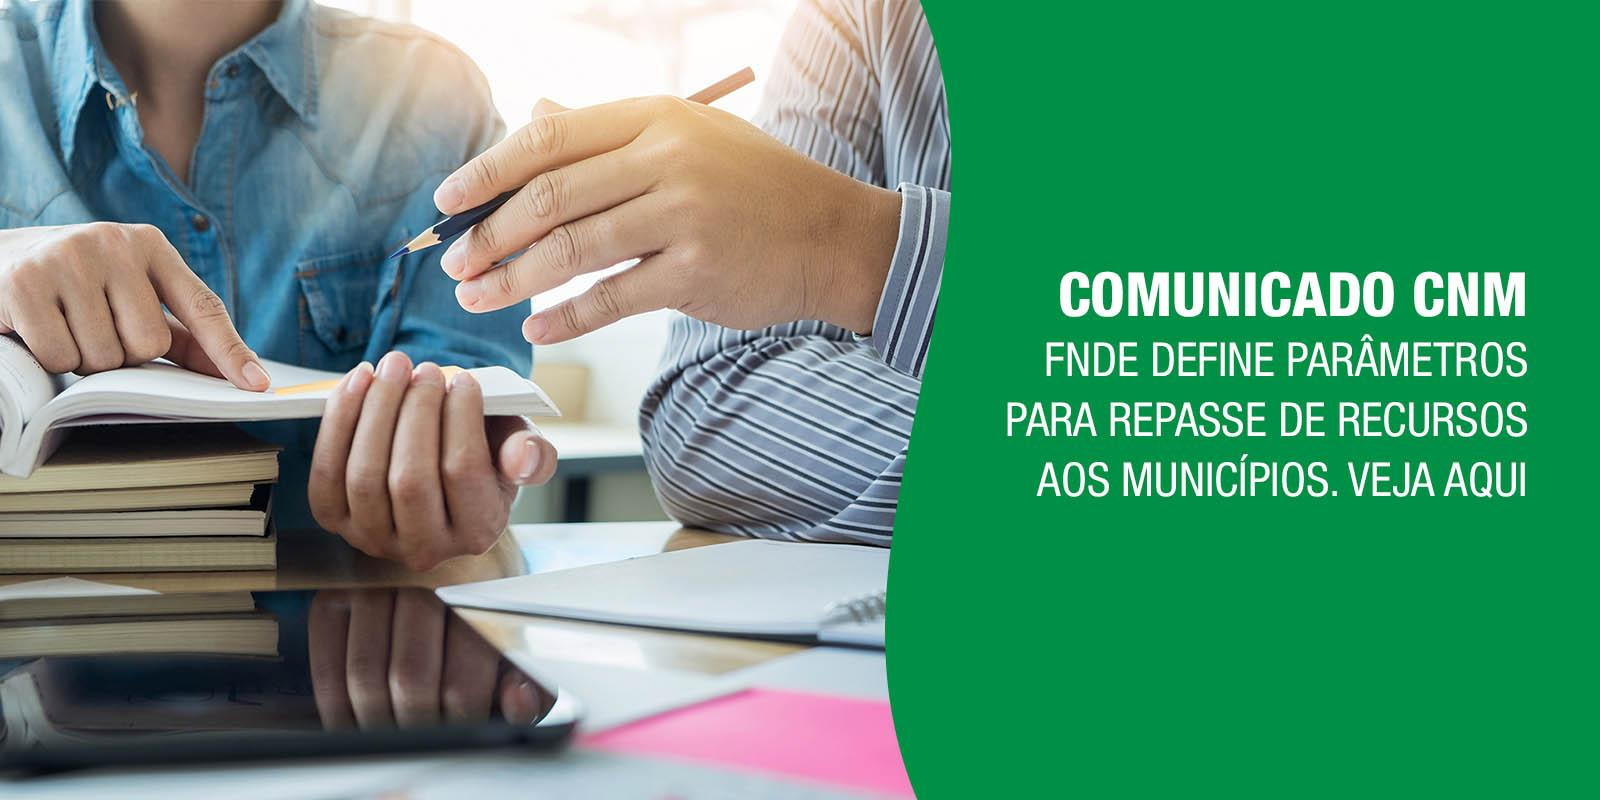 Comunicado CNM: FNDE define parâmetros para repasse de recursos aos Municípios